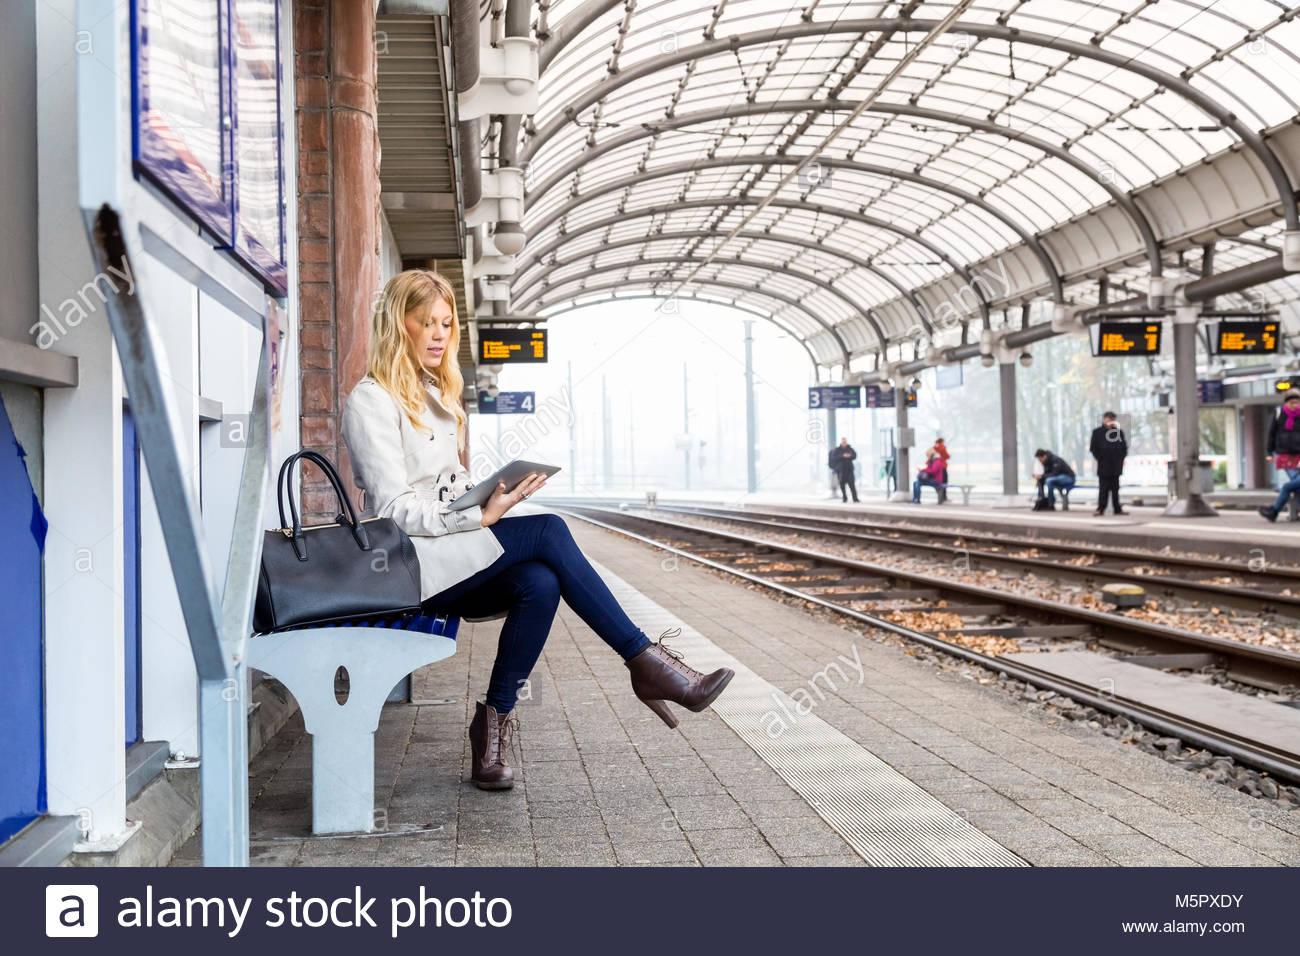 Attraktive junge Frau warten auf einen Zug Stockbild